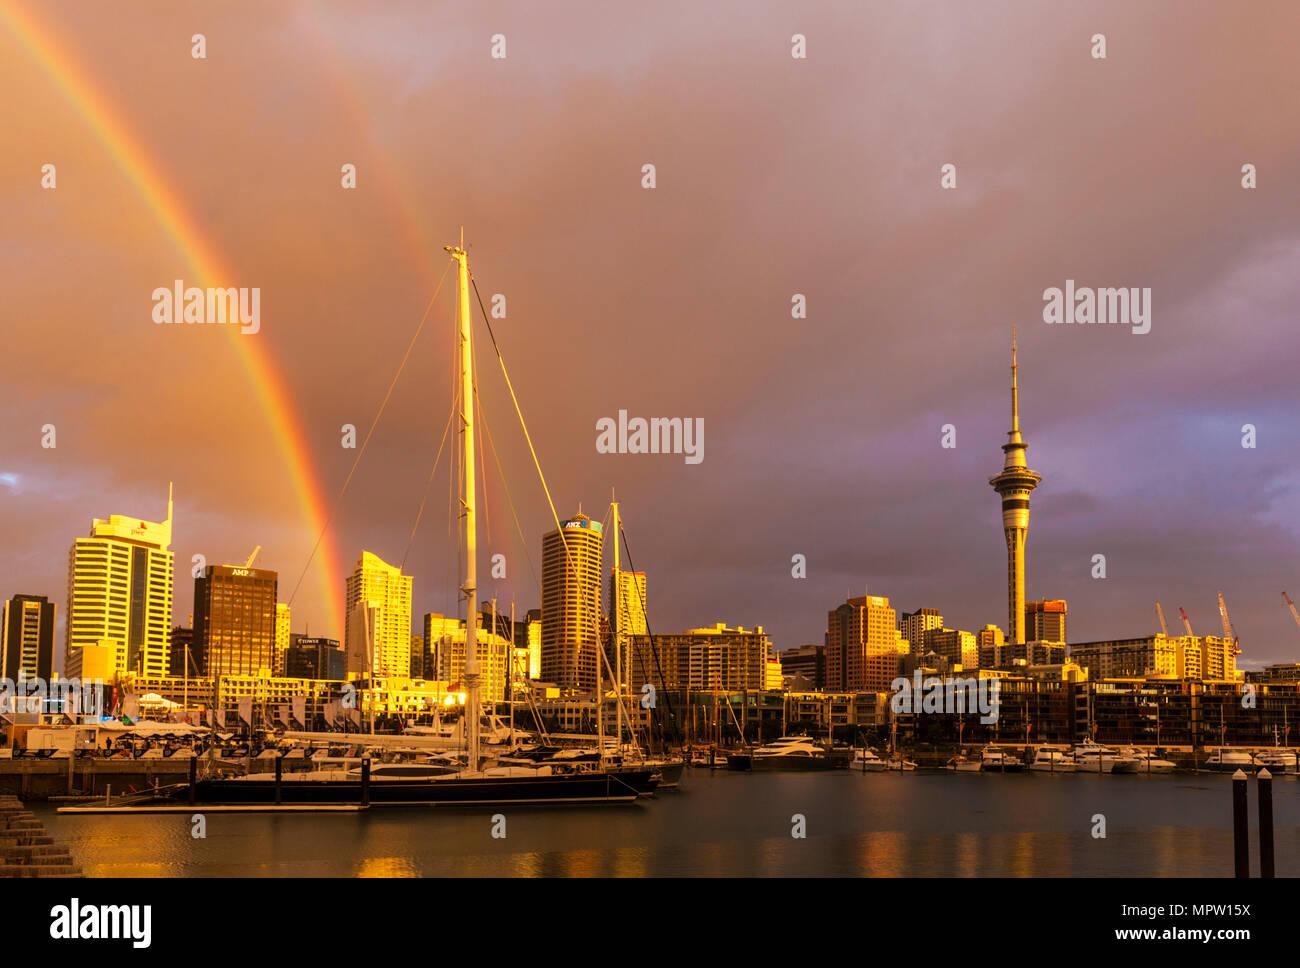 New Zealand Auckland New Zealand North Island après la pluie arc-en-ciel tempête sur le port d'Auckland waterfront couleur ciel d'orage ciel étrange auckland nz Photo Stock